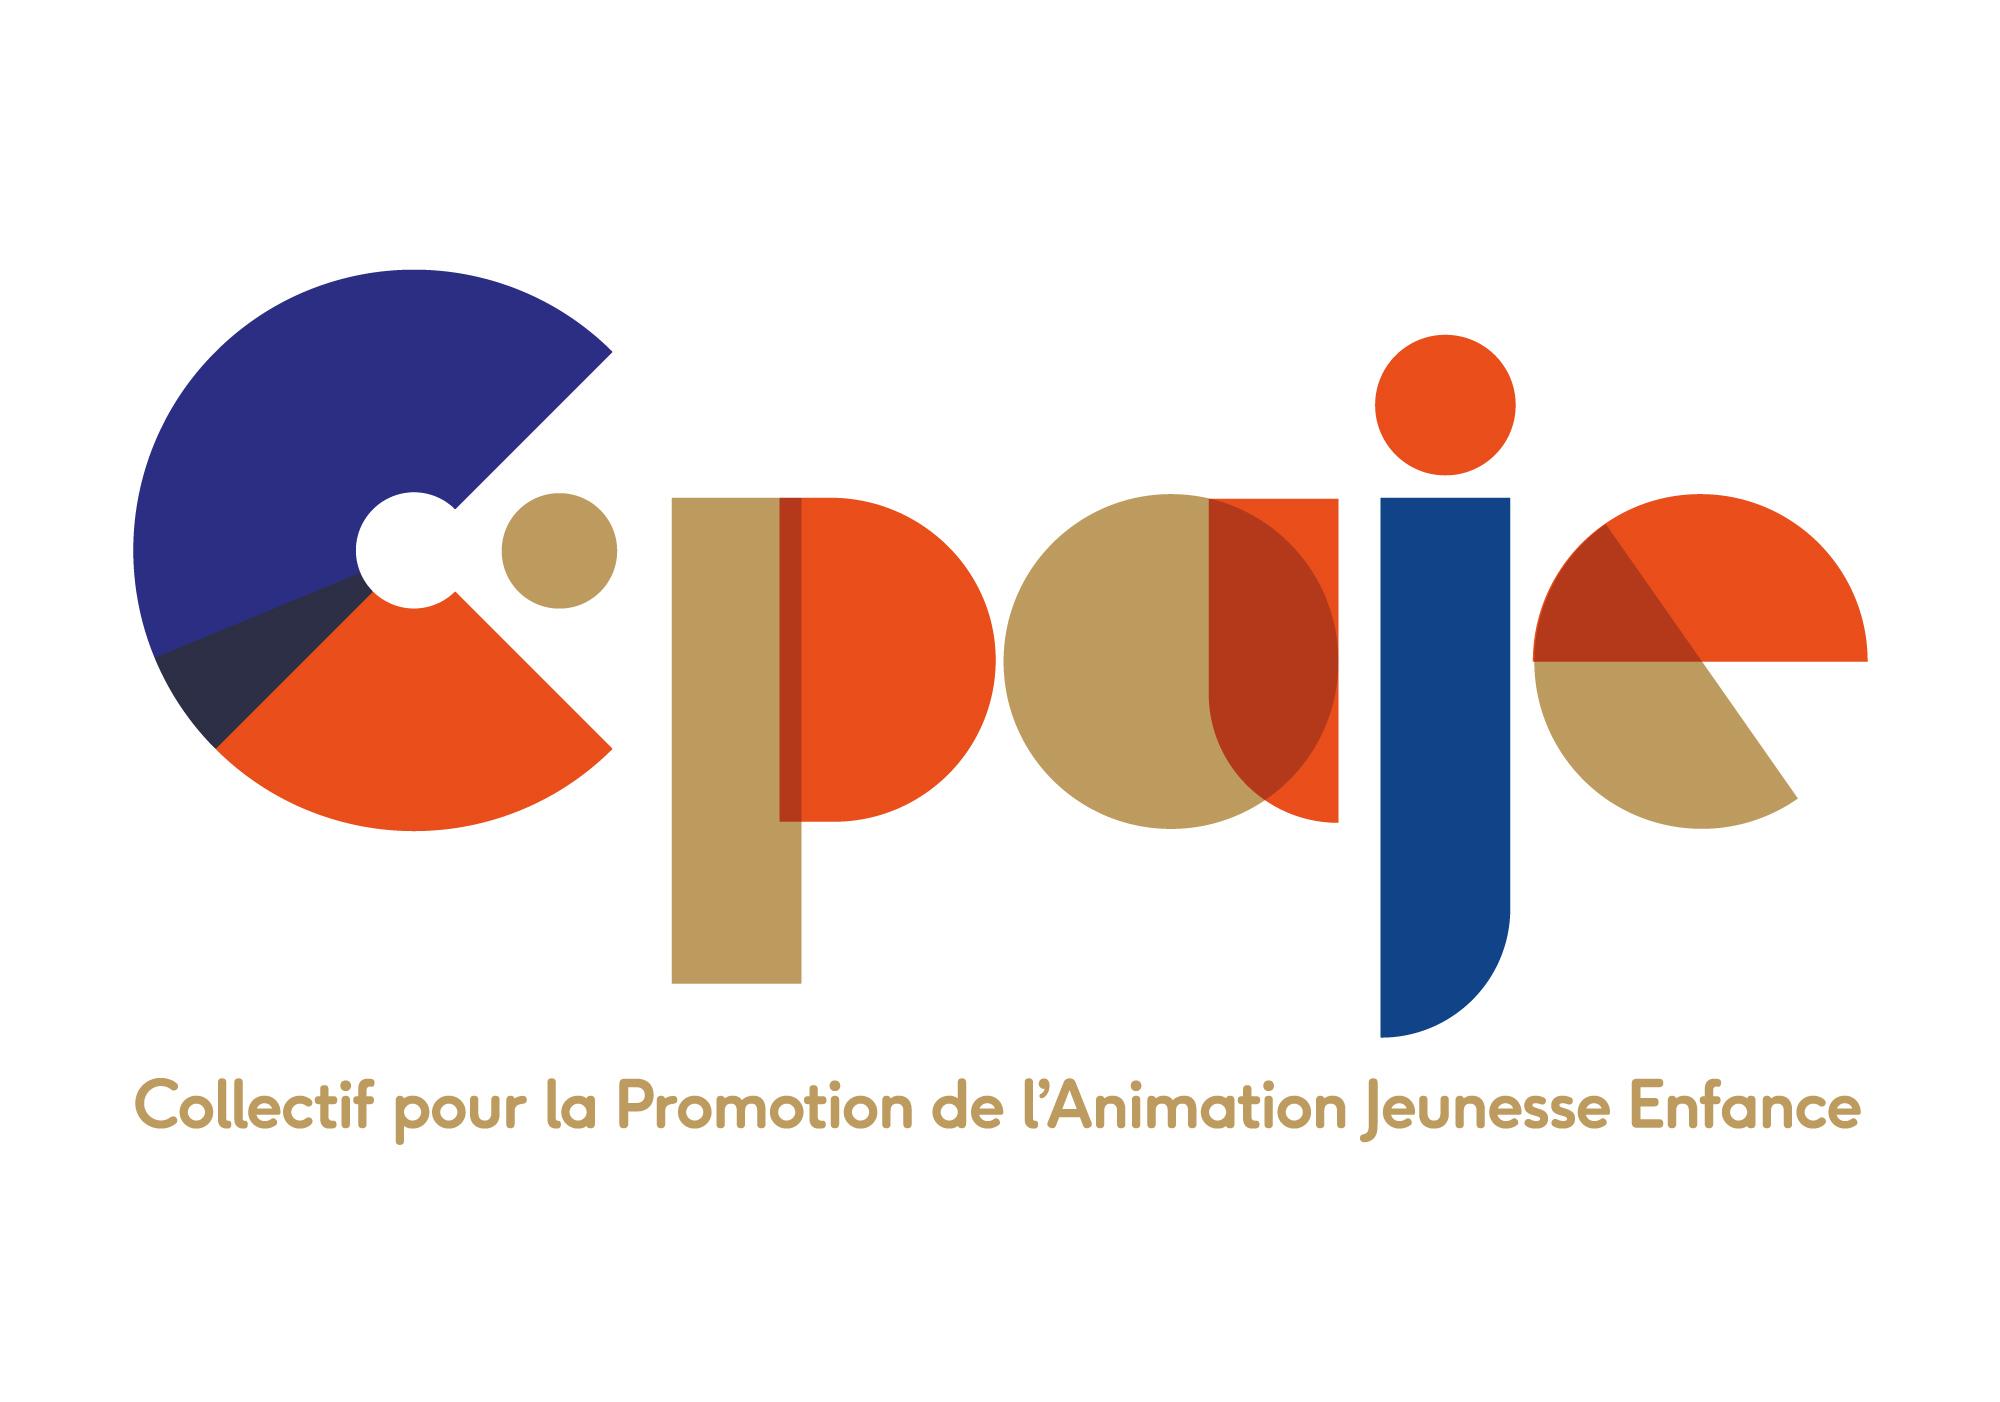 C-Paje - Collectif pour la Promotion et l